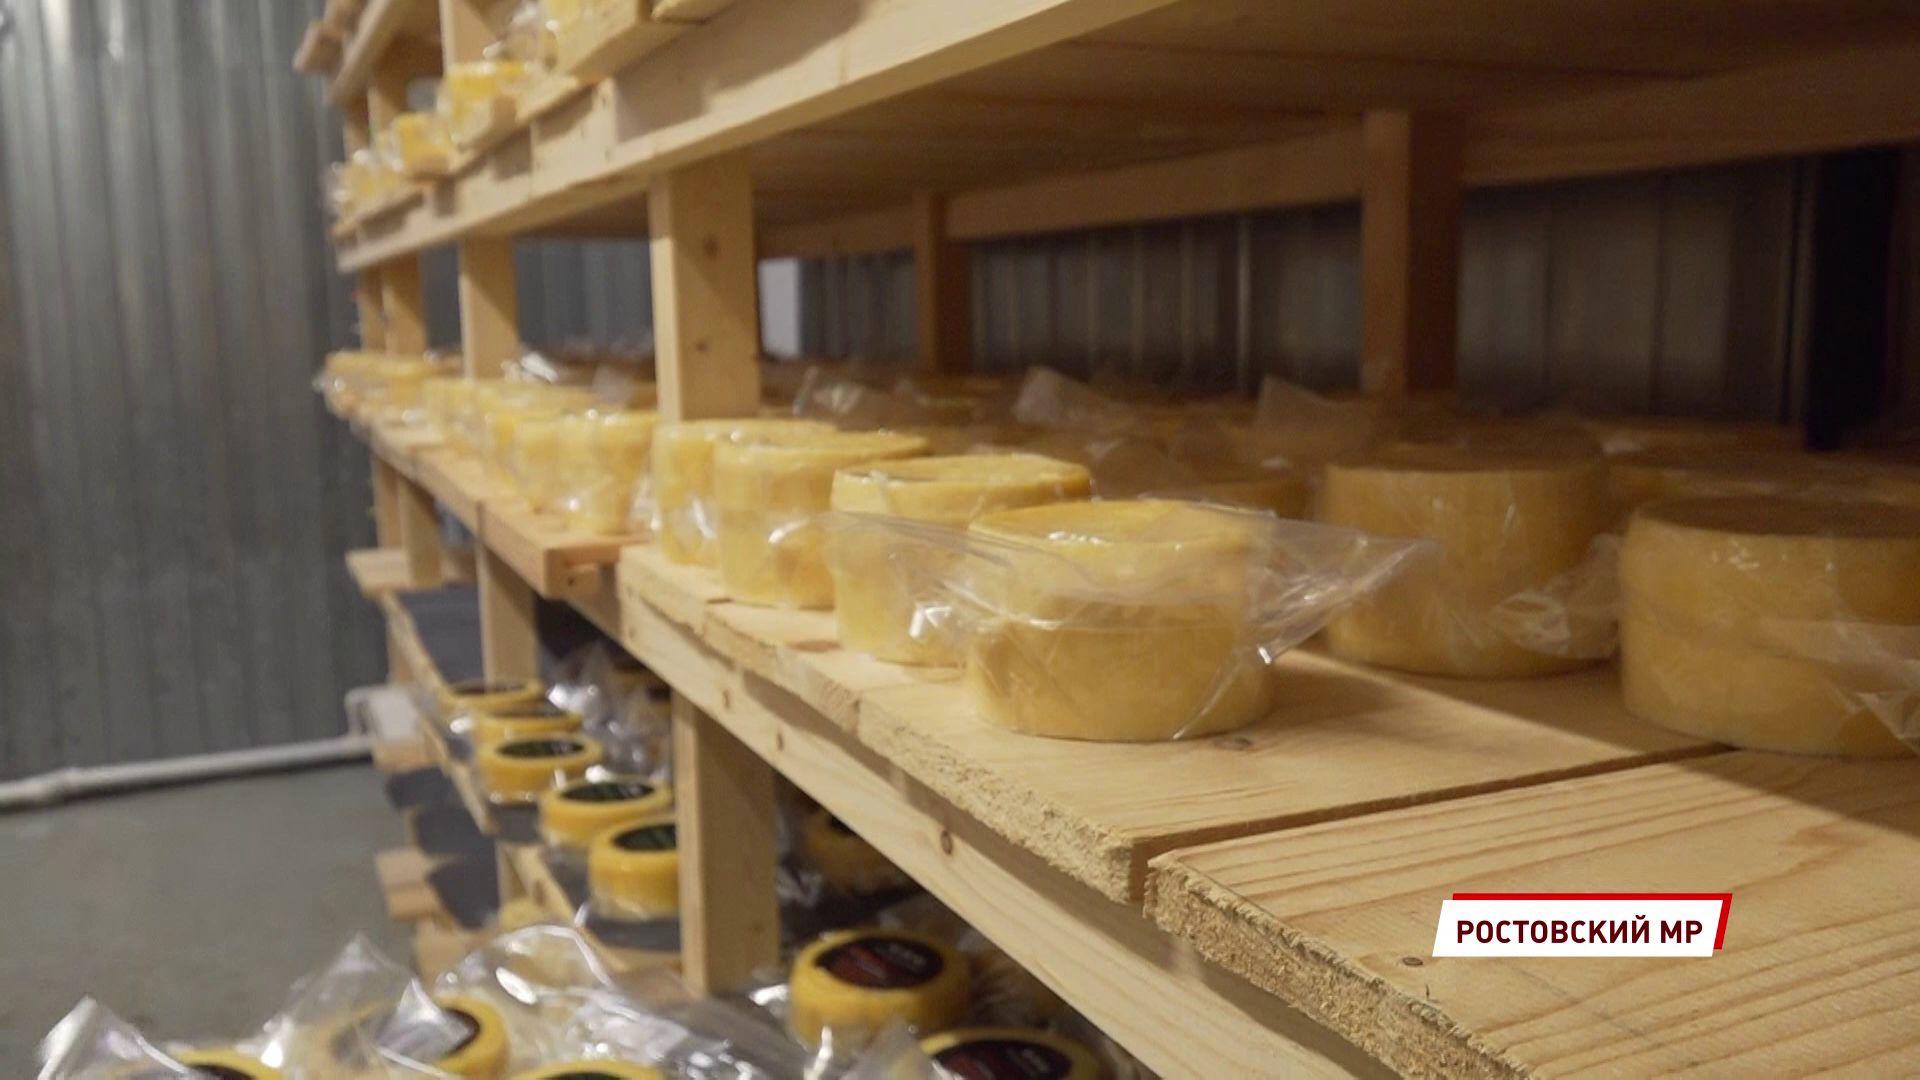 Твёрдый, мягкий с плесенью и даже с углём: в Ростове пройдет ярмарка крафтовых сыров